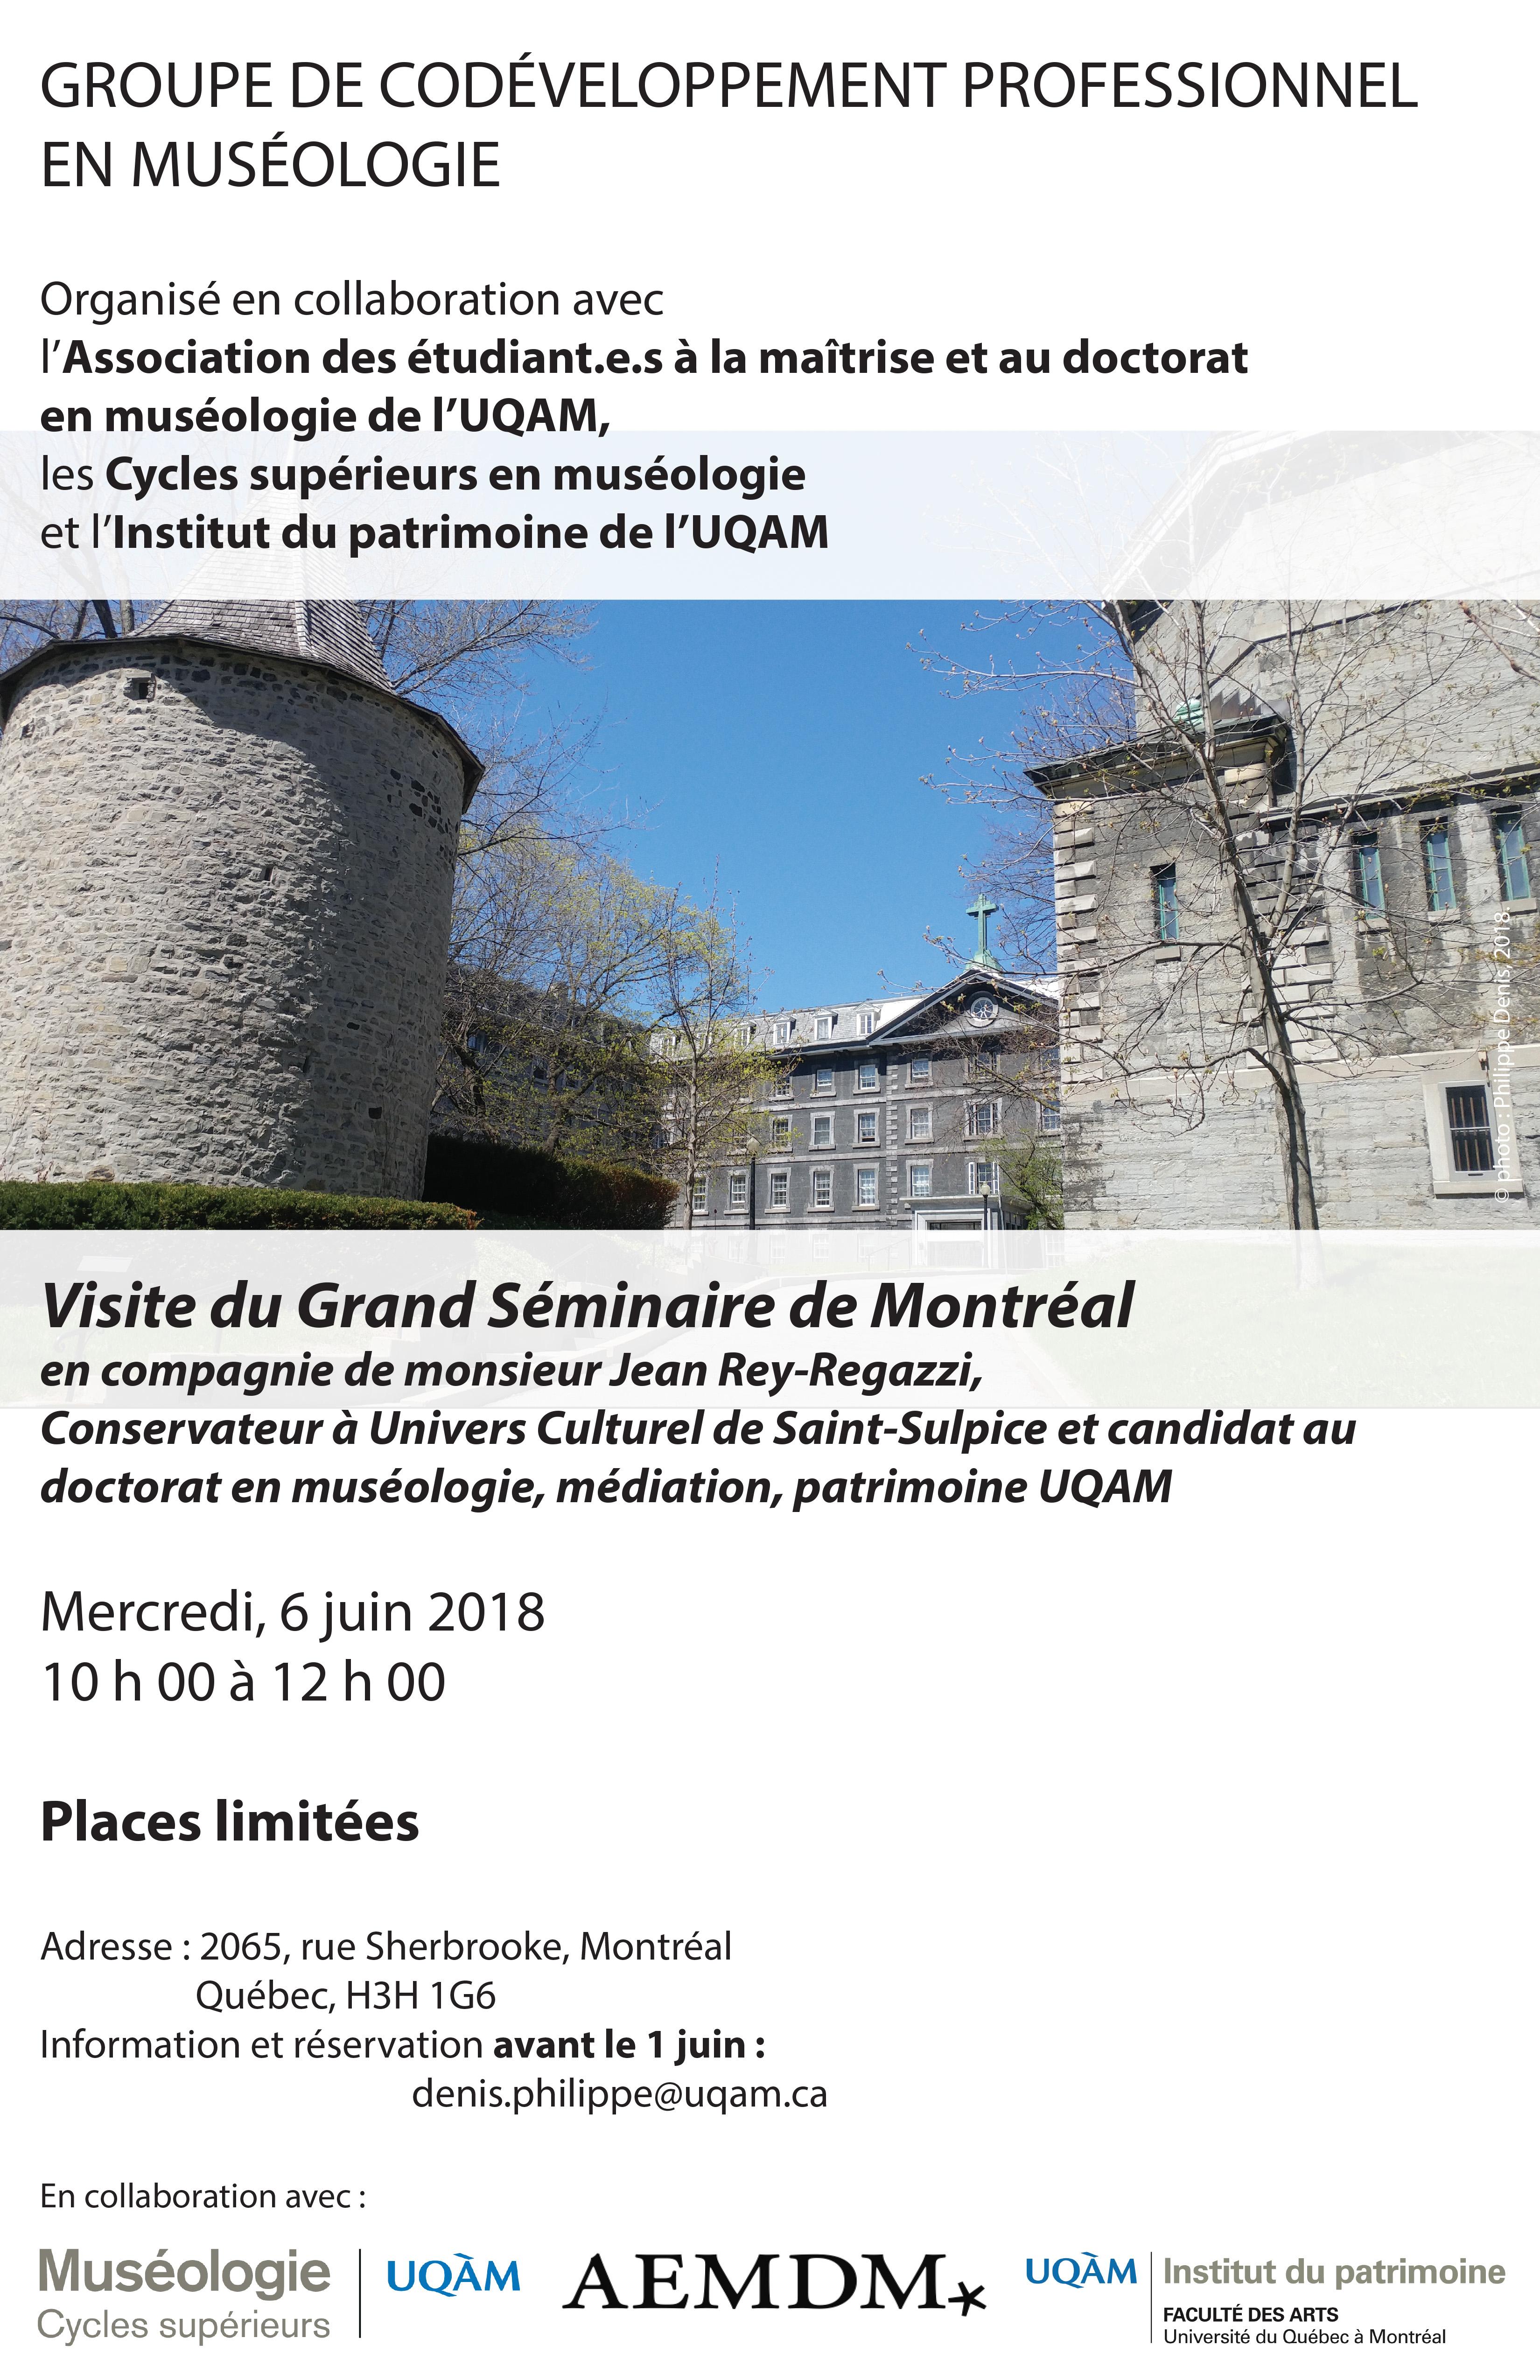 Groupe de codéveloppement professionnel en muséologie / Grand Séminaire de Montréal